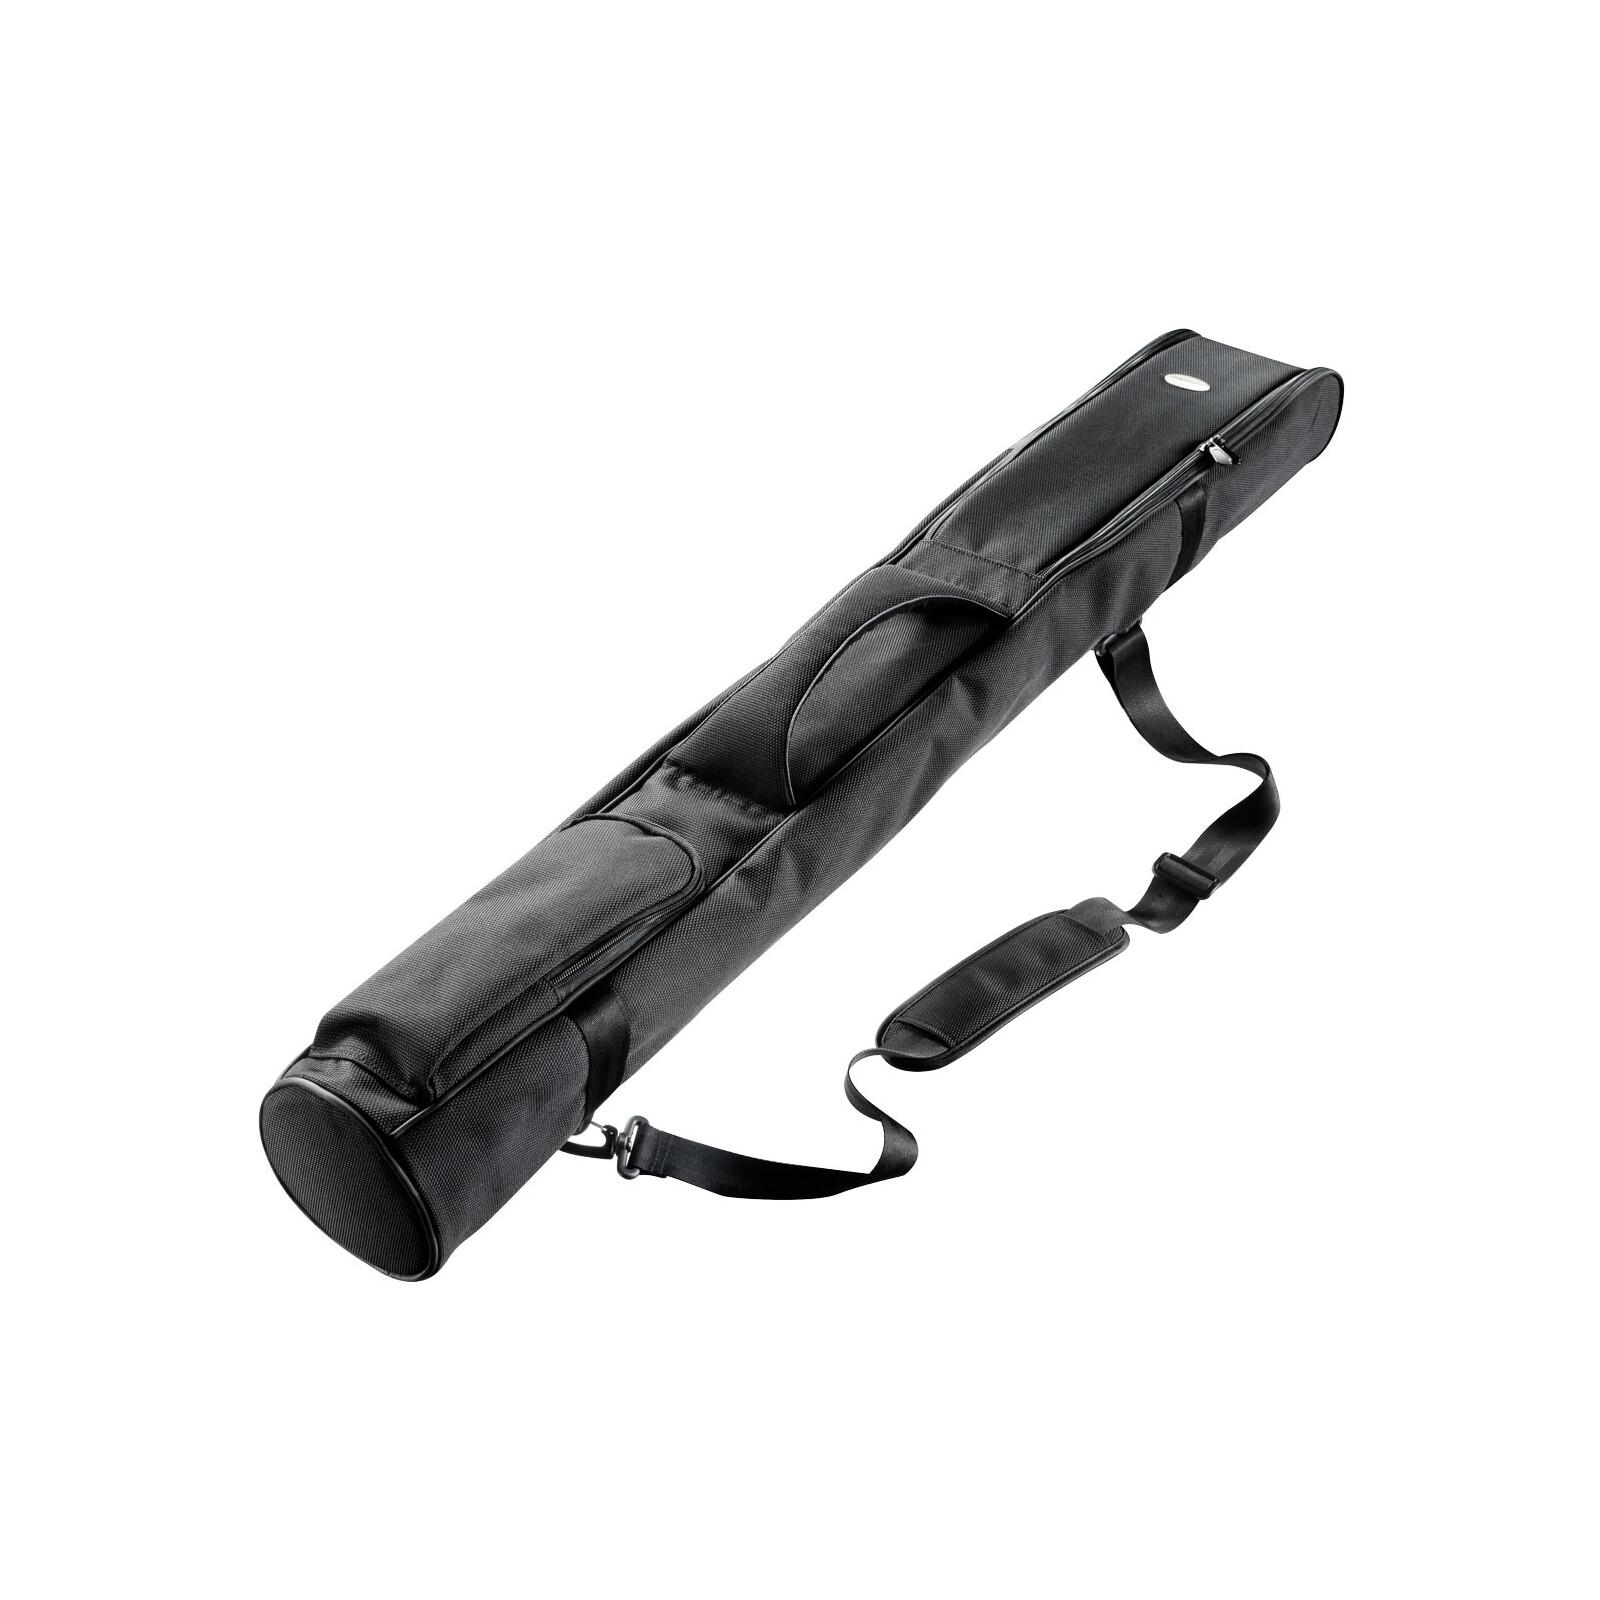 Mantona Lampenstativ-Tasche, schwarz, 99cm